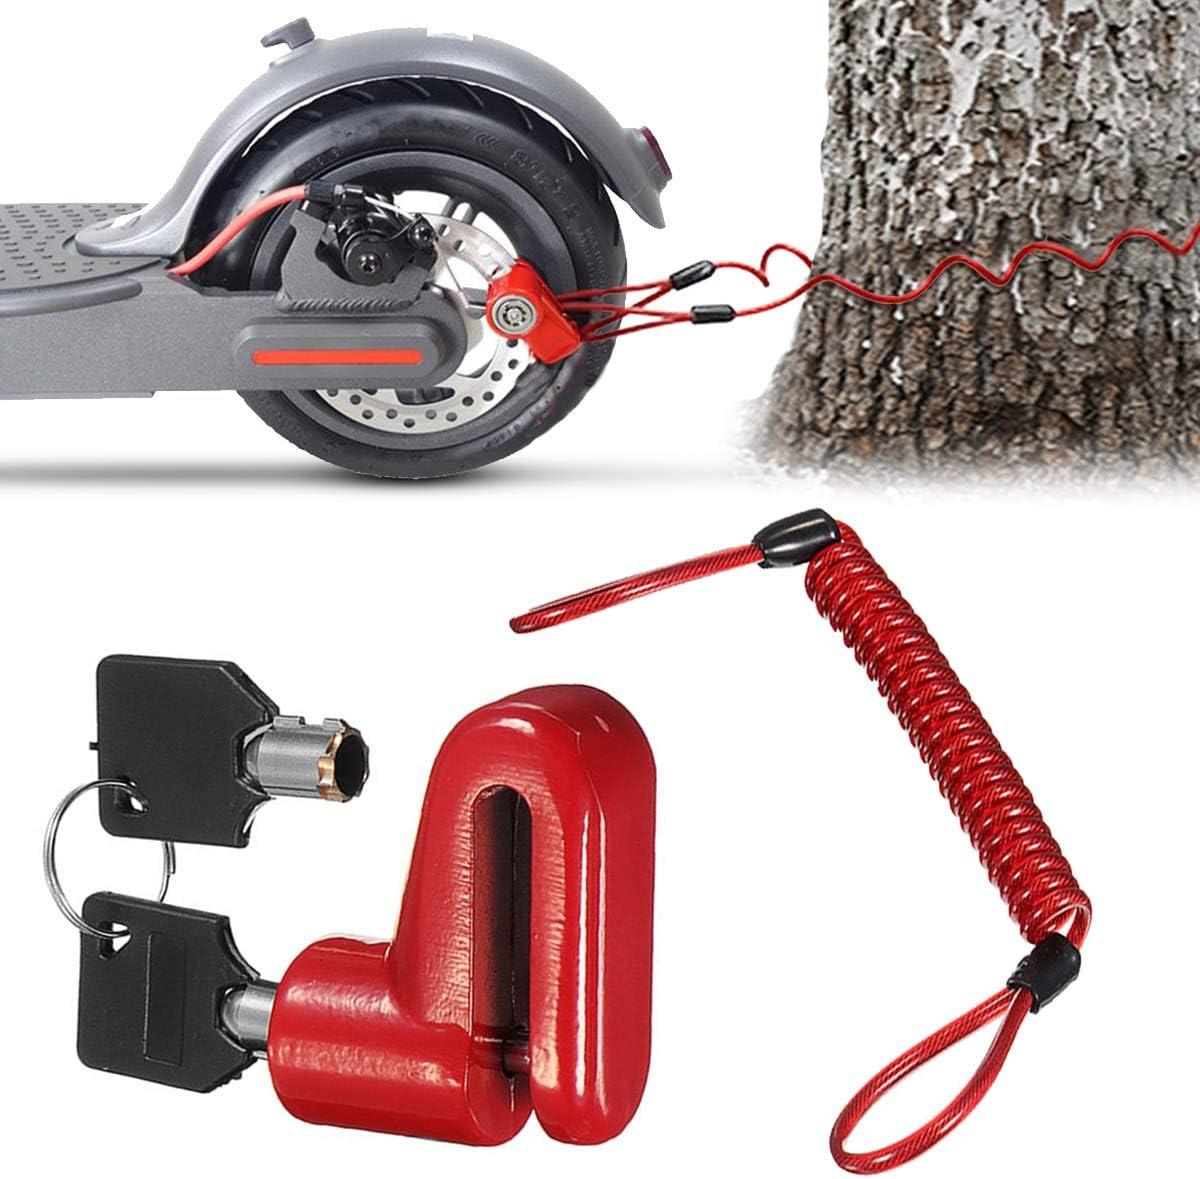 Blocco del disco di allarme del motociclo blocco del freno a disco antifurto Keenso Sistema di allarme di sicurezza Blocco di sicurezza impermeabile 110dB per scooter moto Giallo